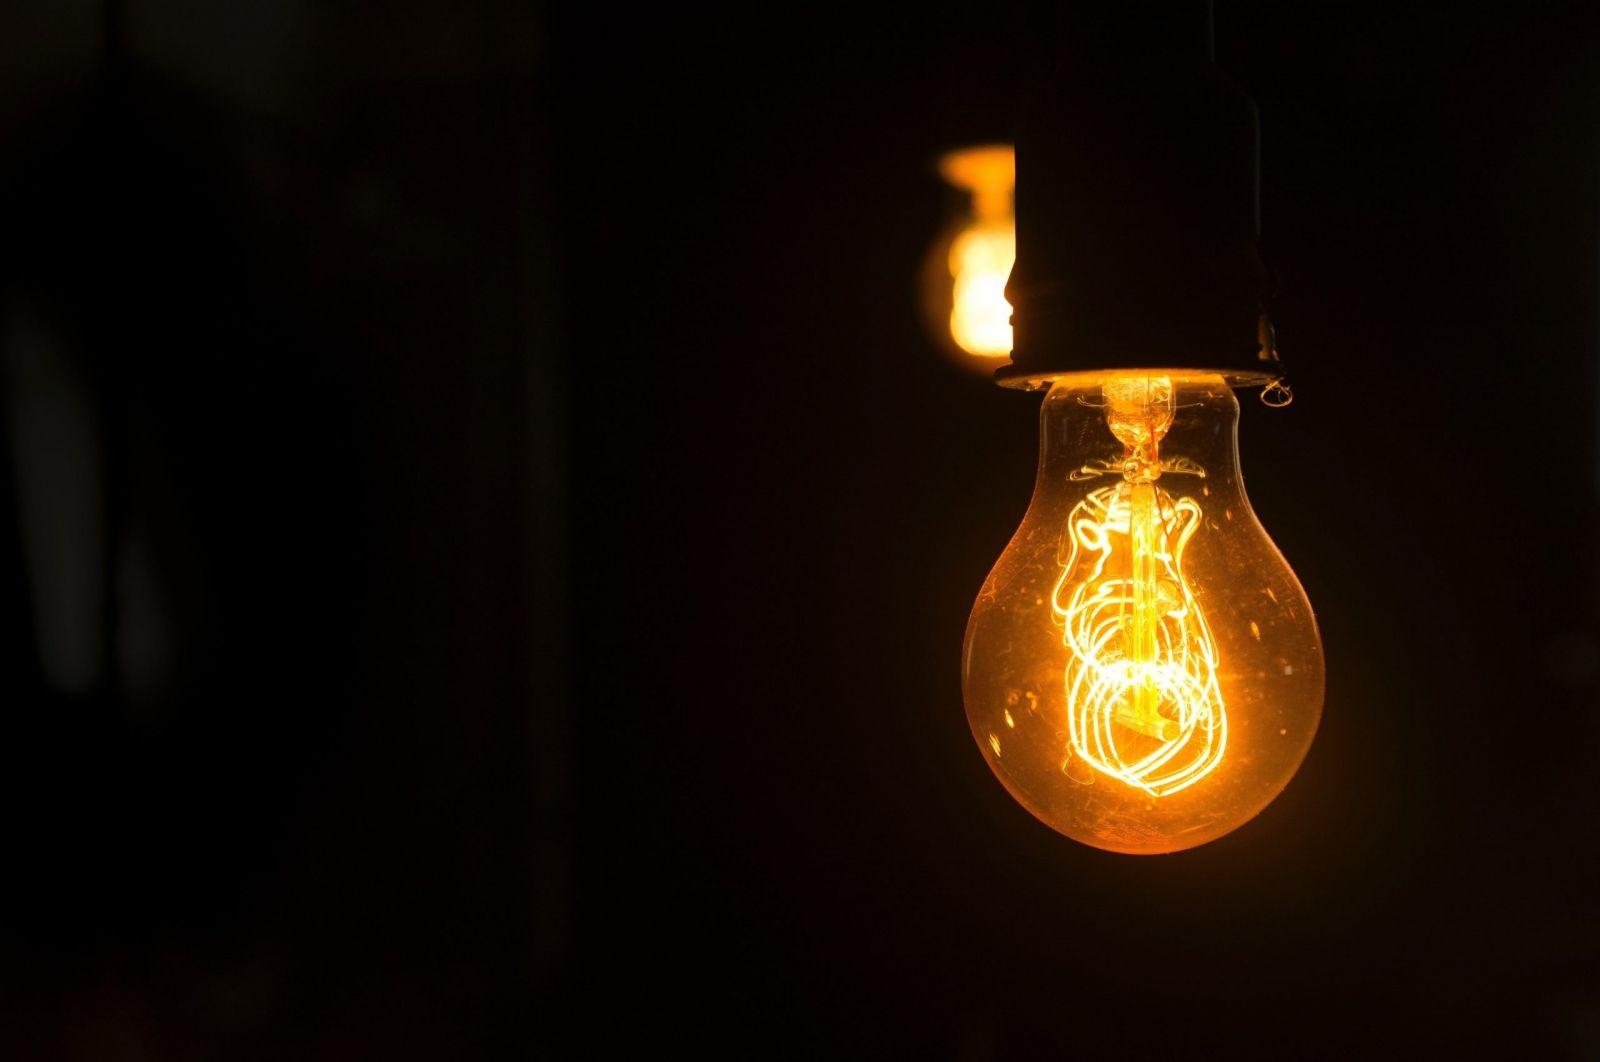 Плановые отключения энергоресурсов в Якутске 17 декабря